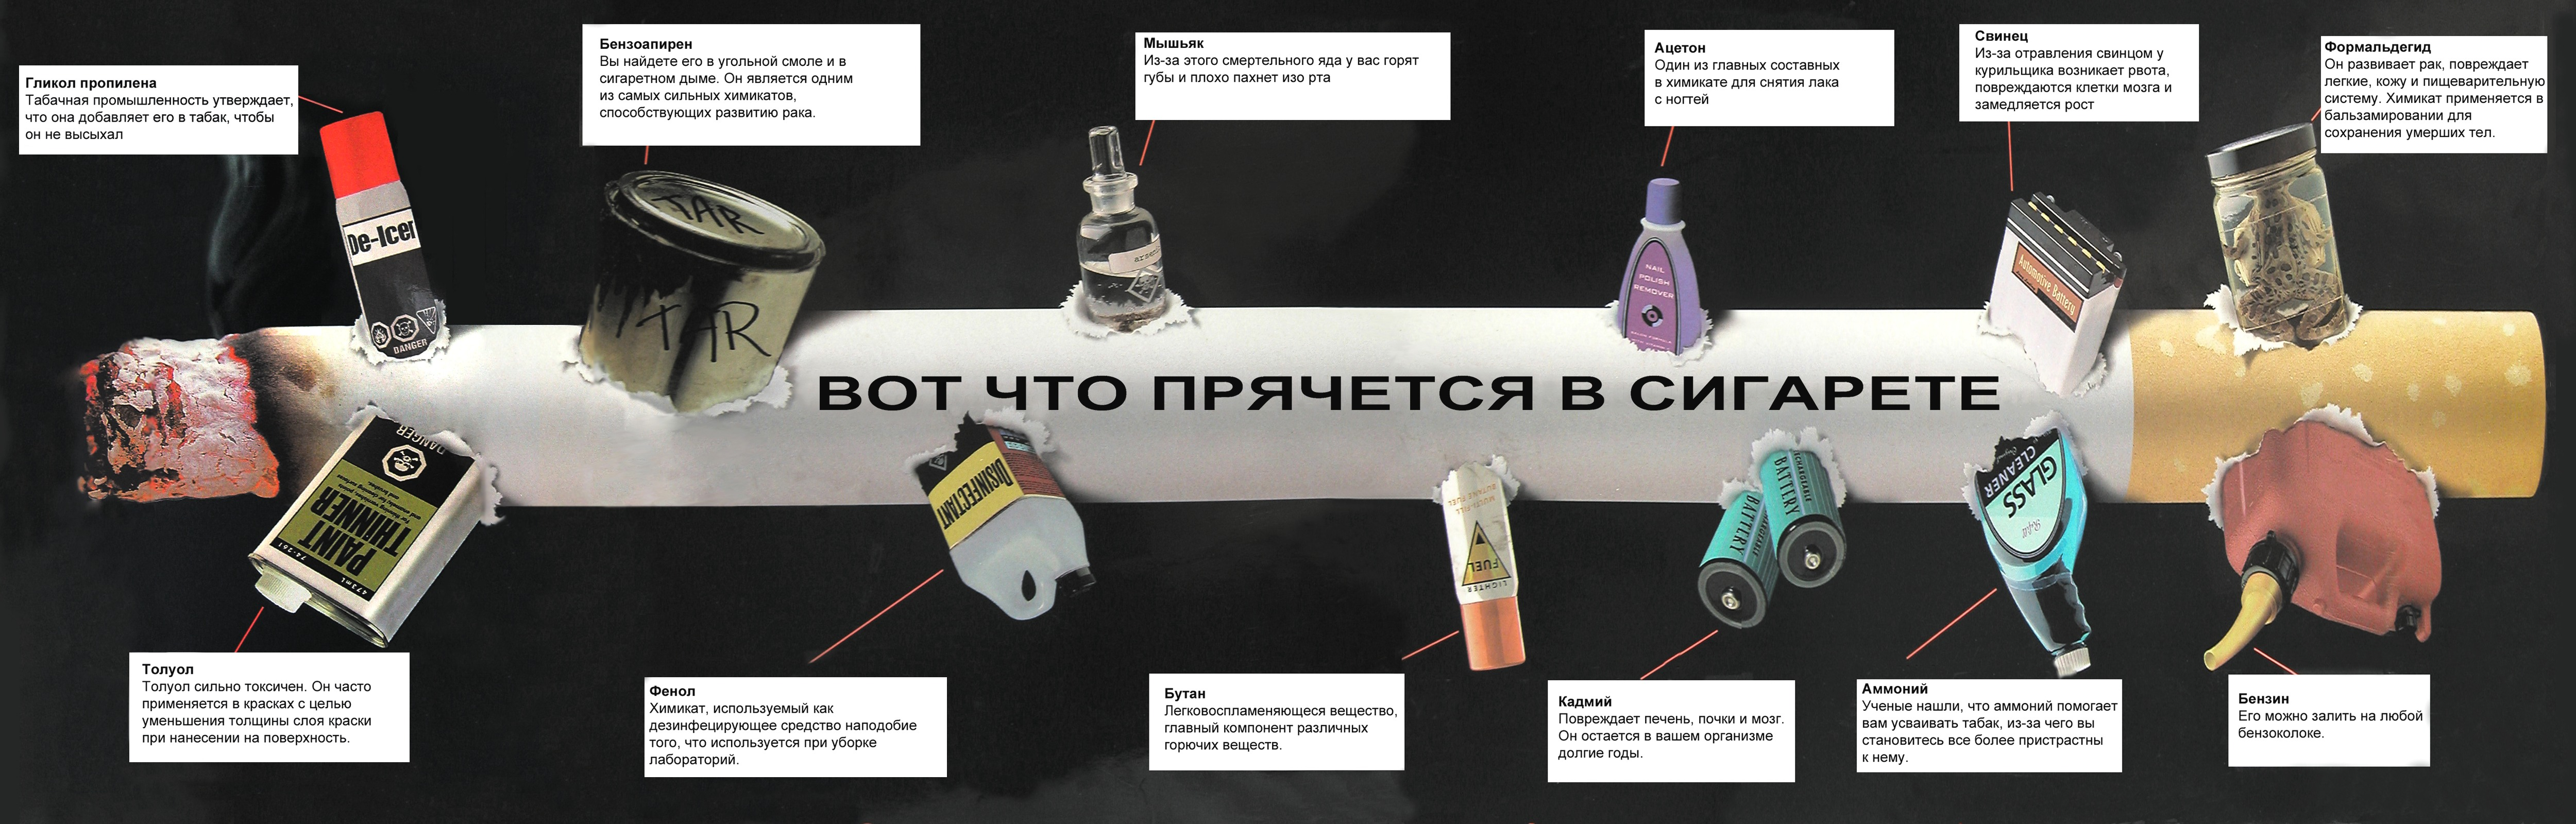 Как сделать взывающие устройства из обыкновенной зажигалки